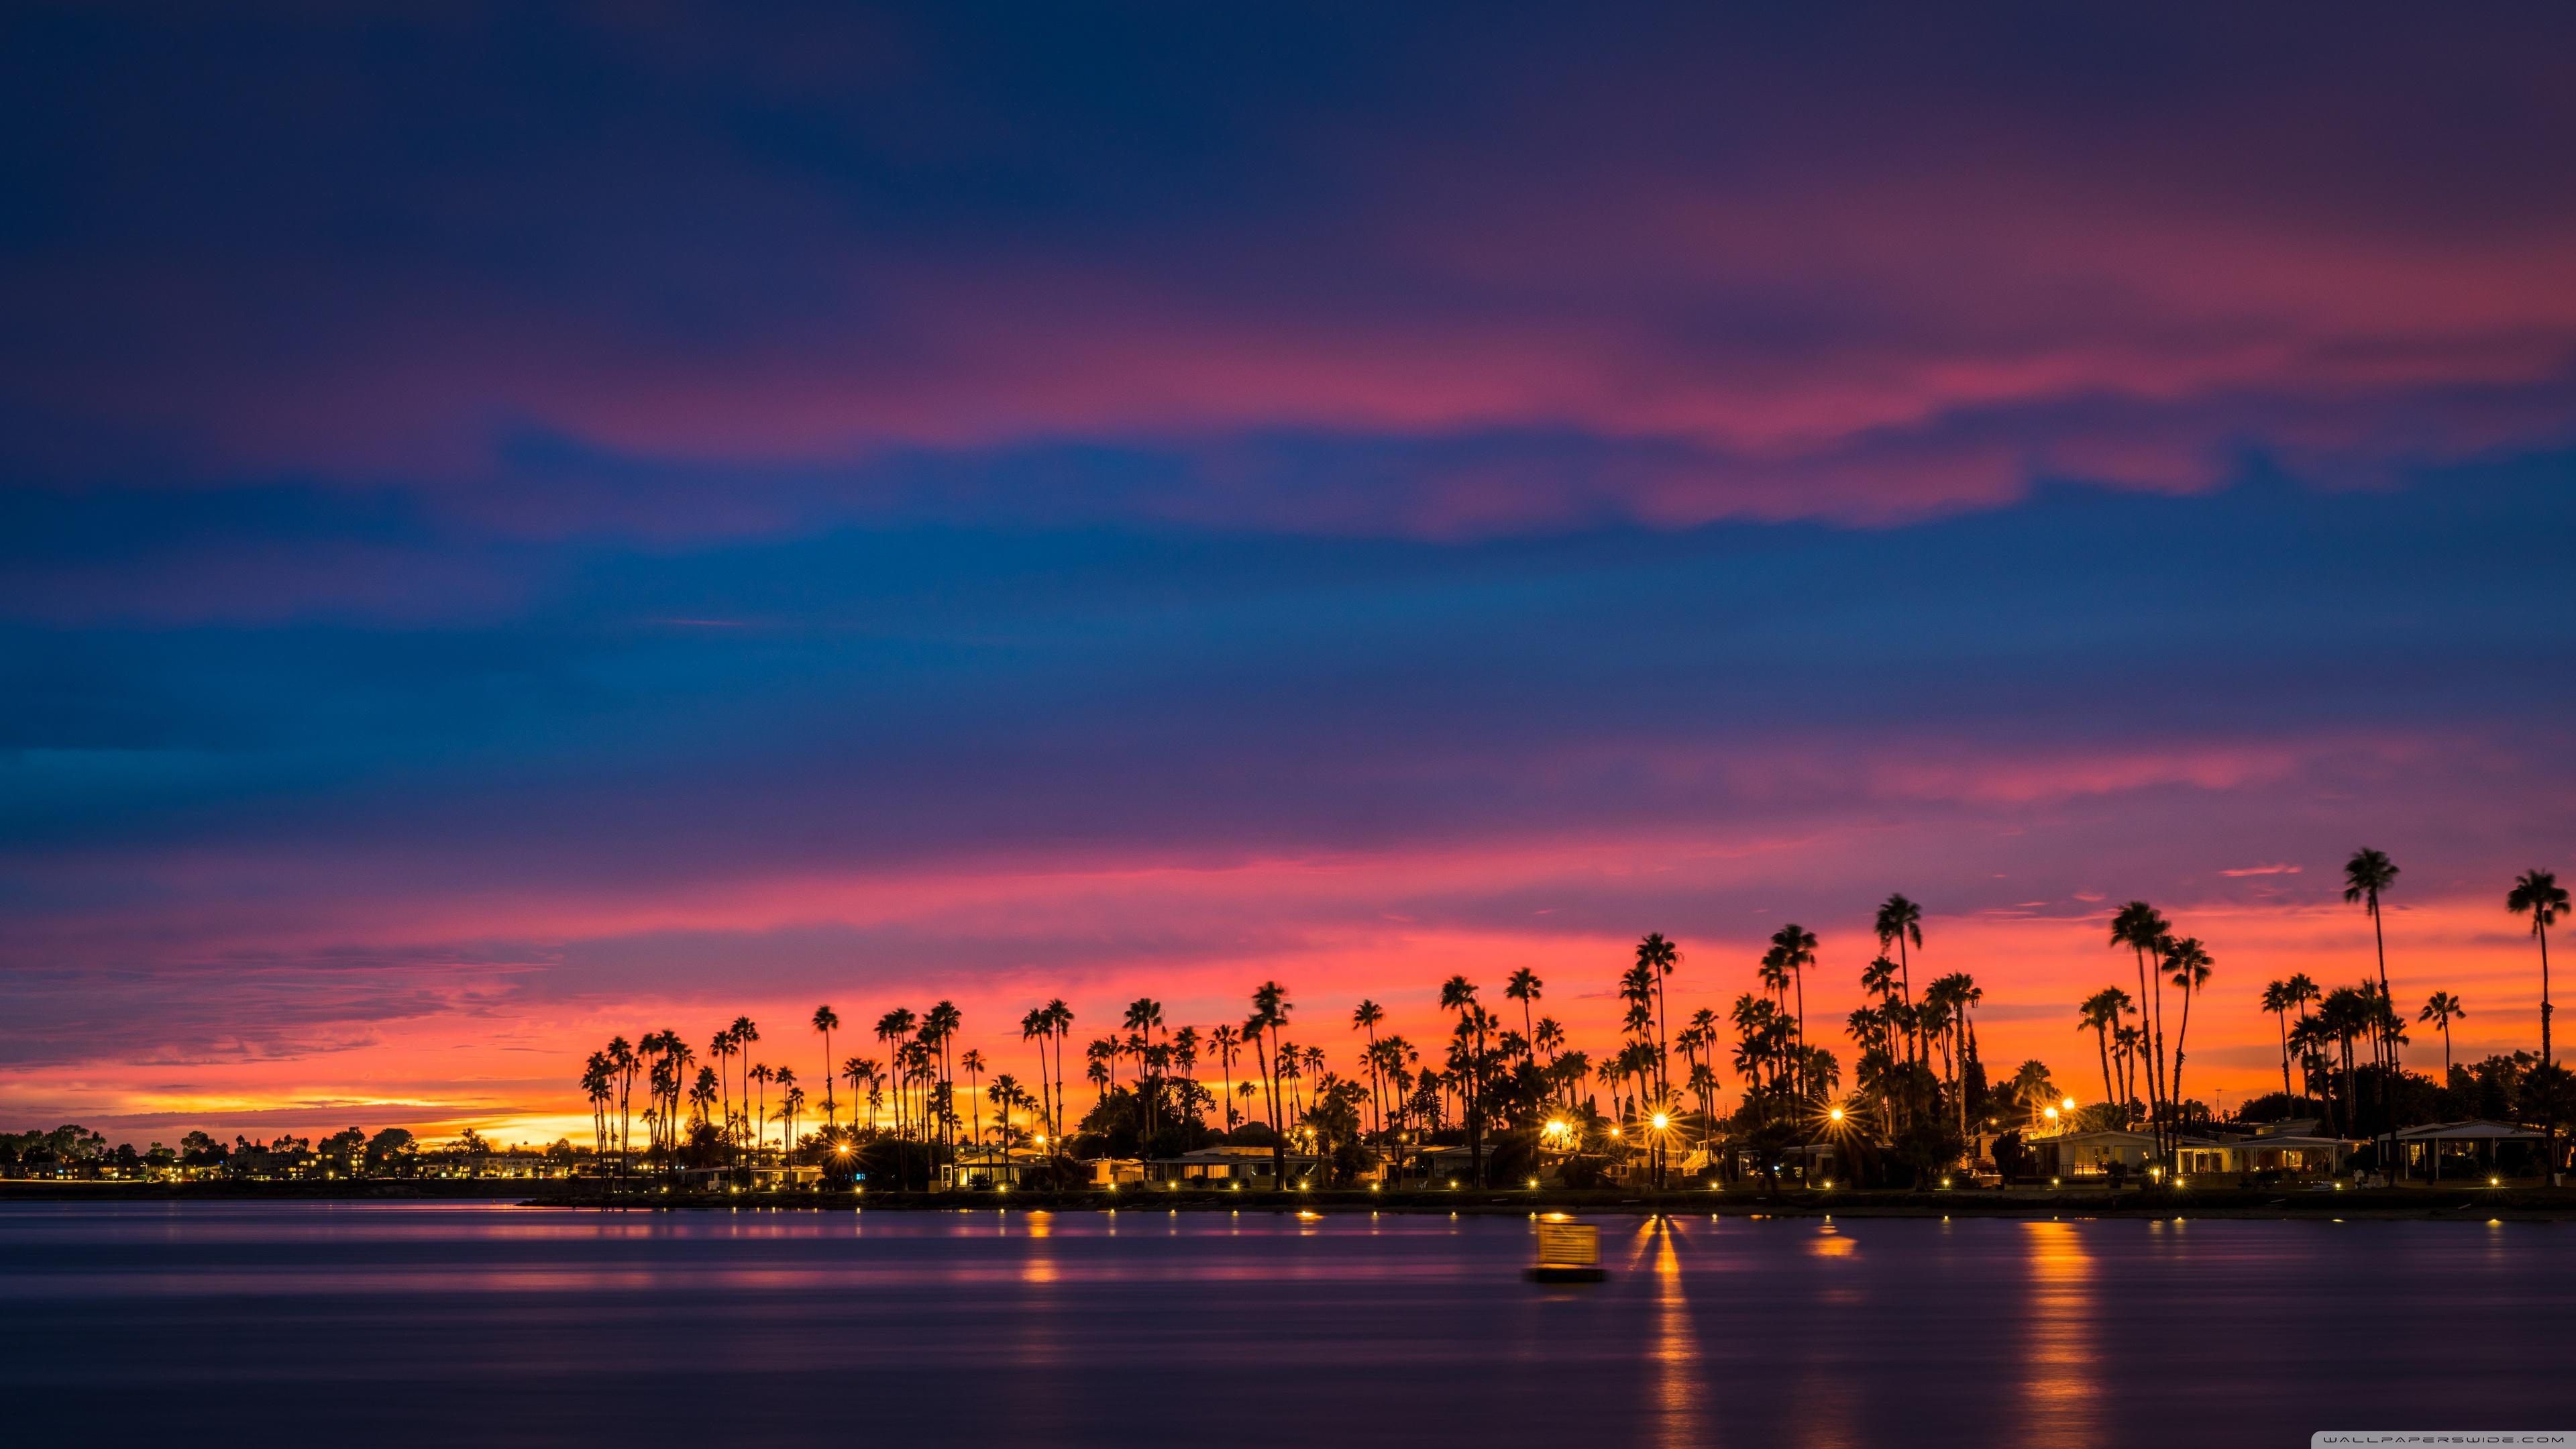 Uhd 16 - - Desktop Wallpaper 4k Sunset , HD Wallpaper & Backgrounds